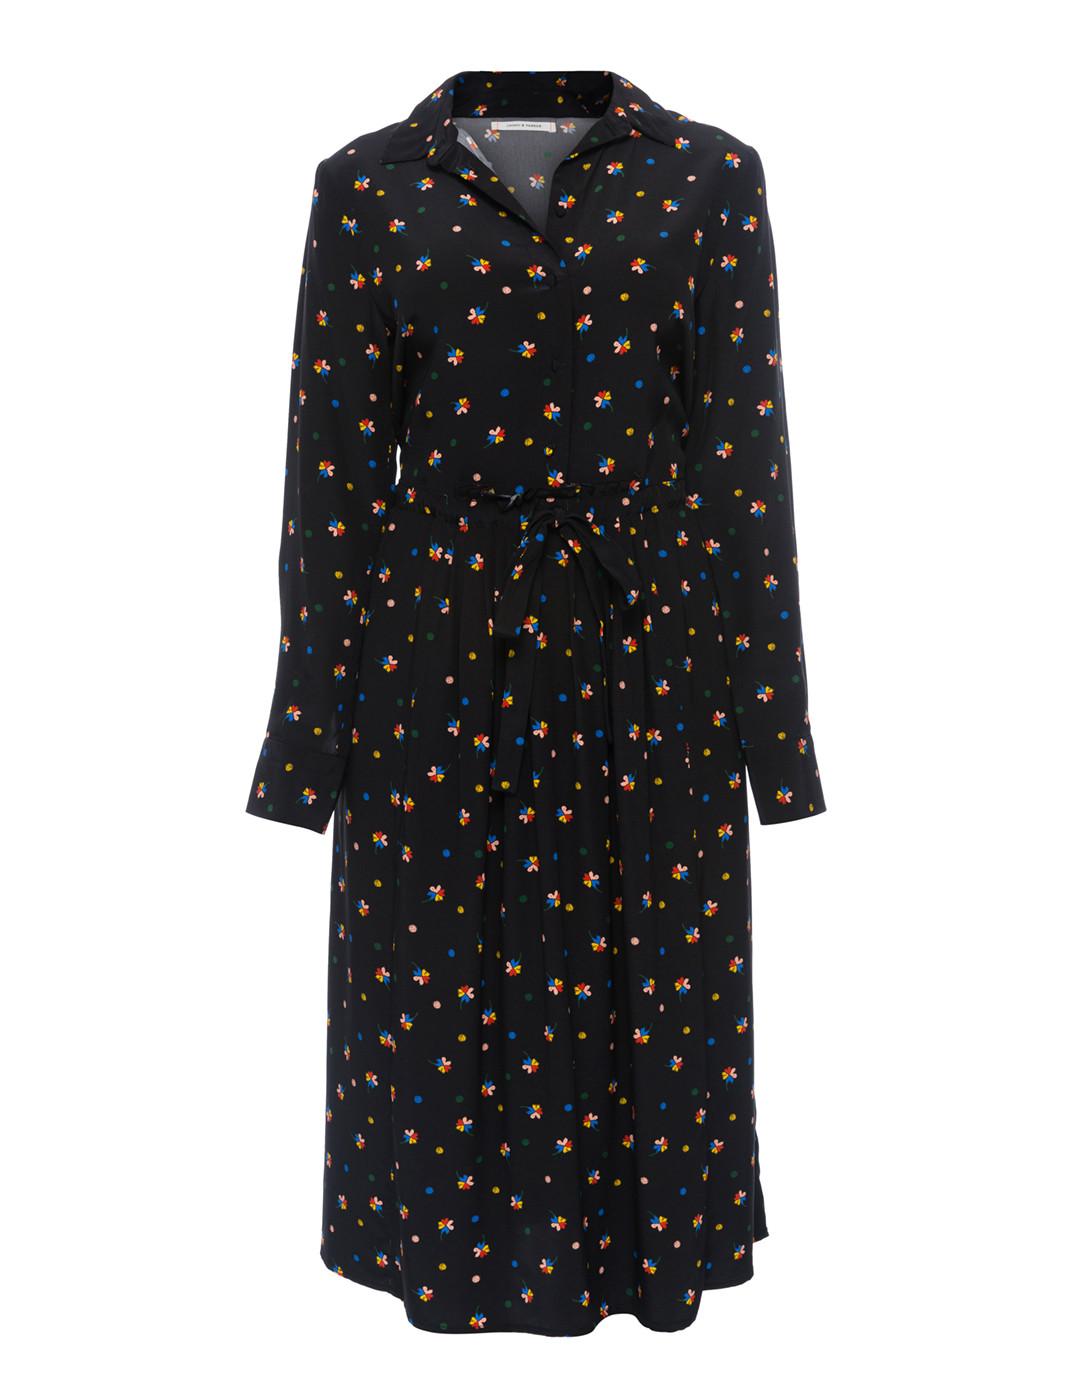 67f2f1115b4 Lucky Clover Black Silk Shirt Dress